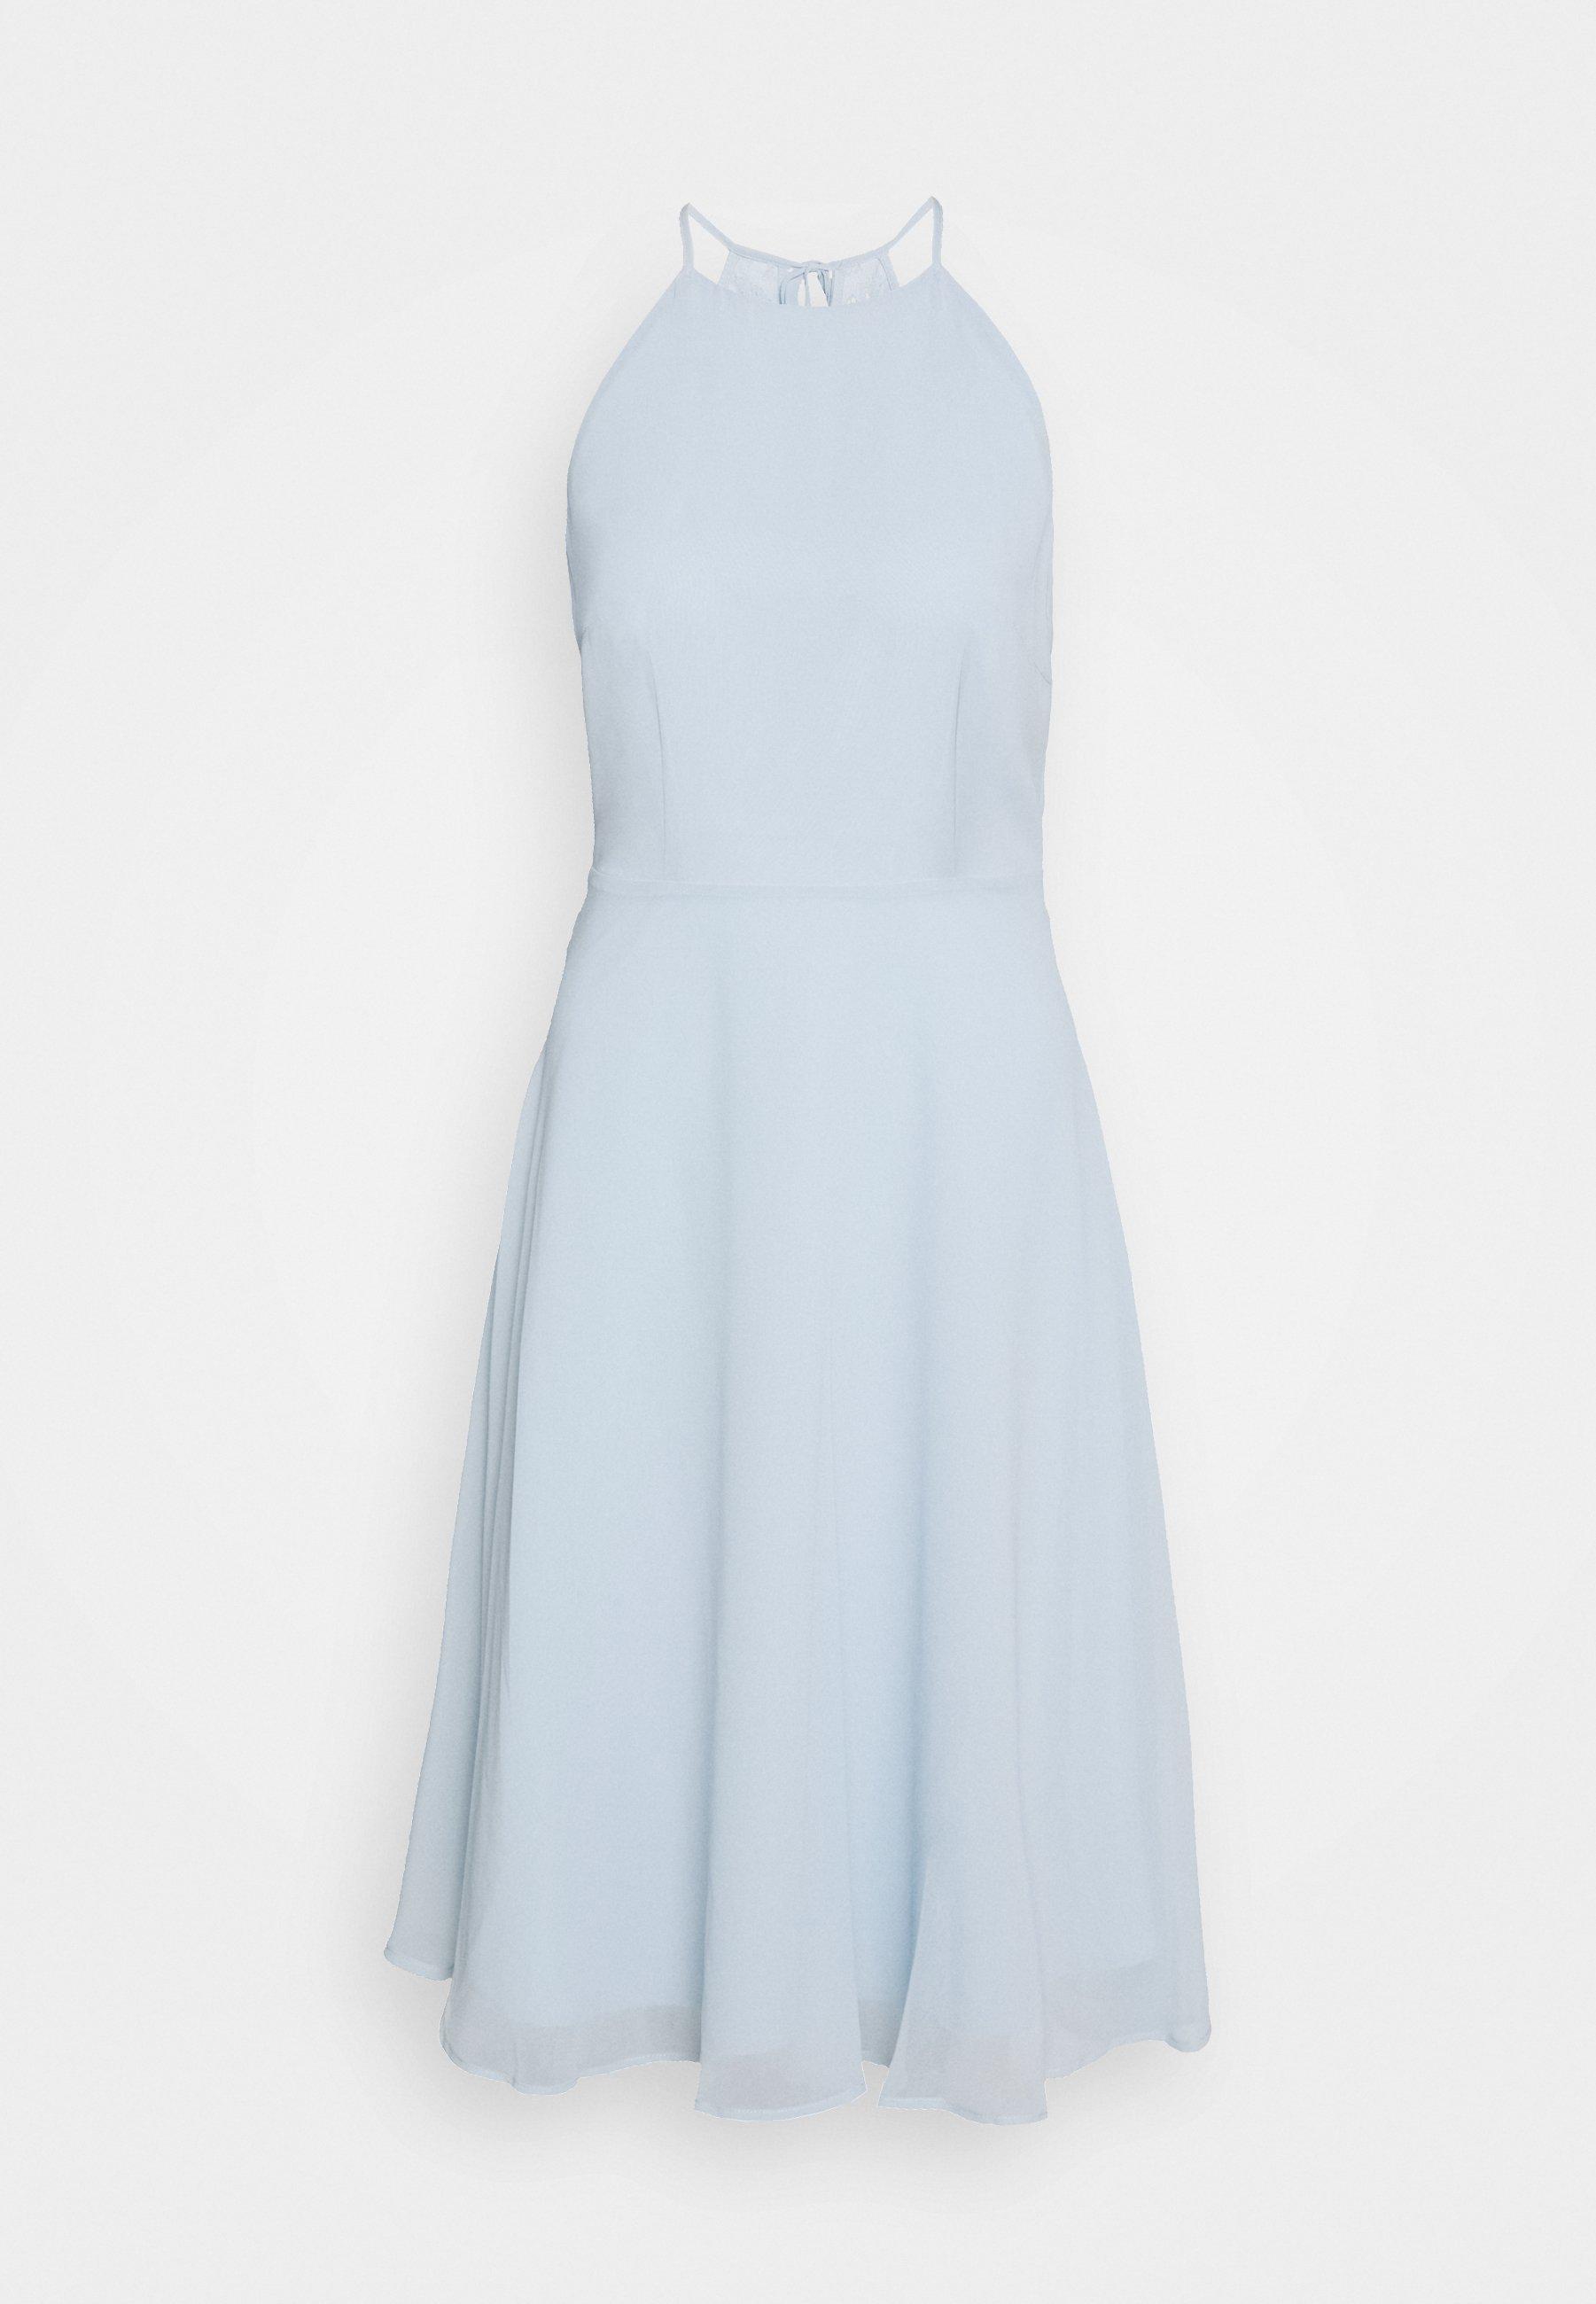 Cocktailkleid/festliches Kleid   pastel blue